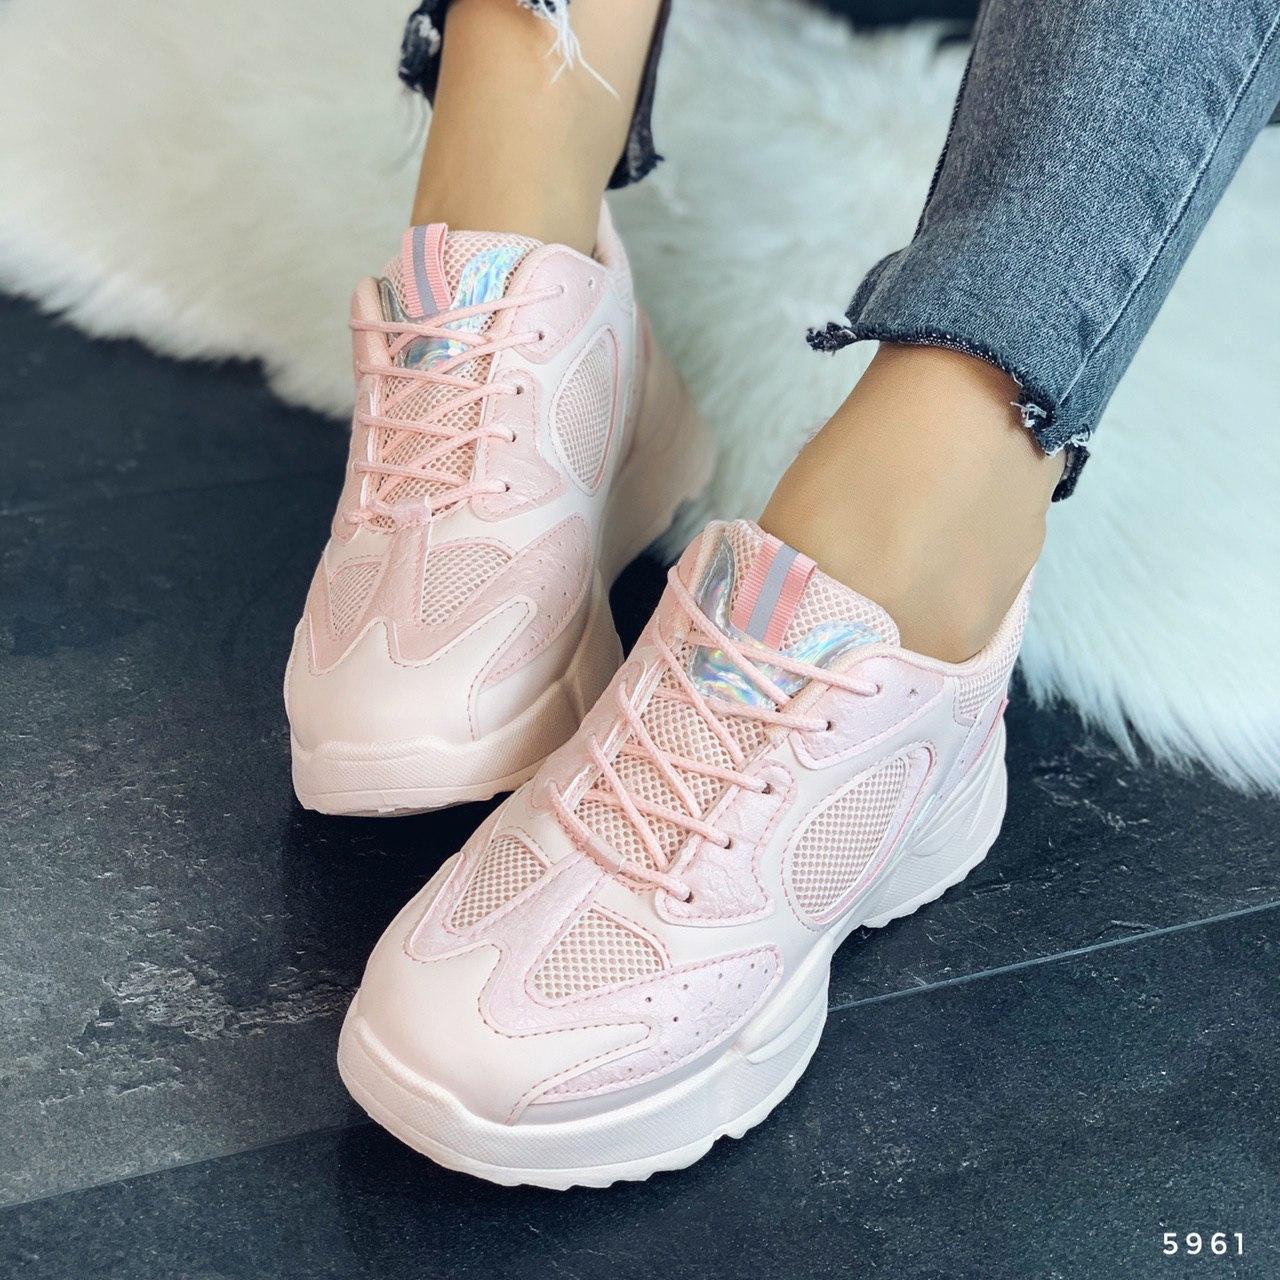 Кросівки жіночі рожеві. Кросівки жіночі з еко шкіри. Кеди жіночі. Мокасини жіночі. Кріпери